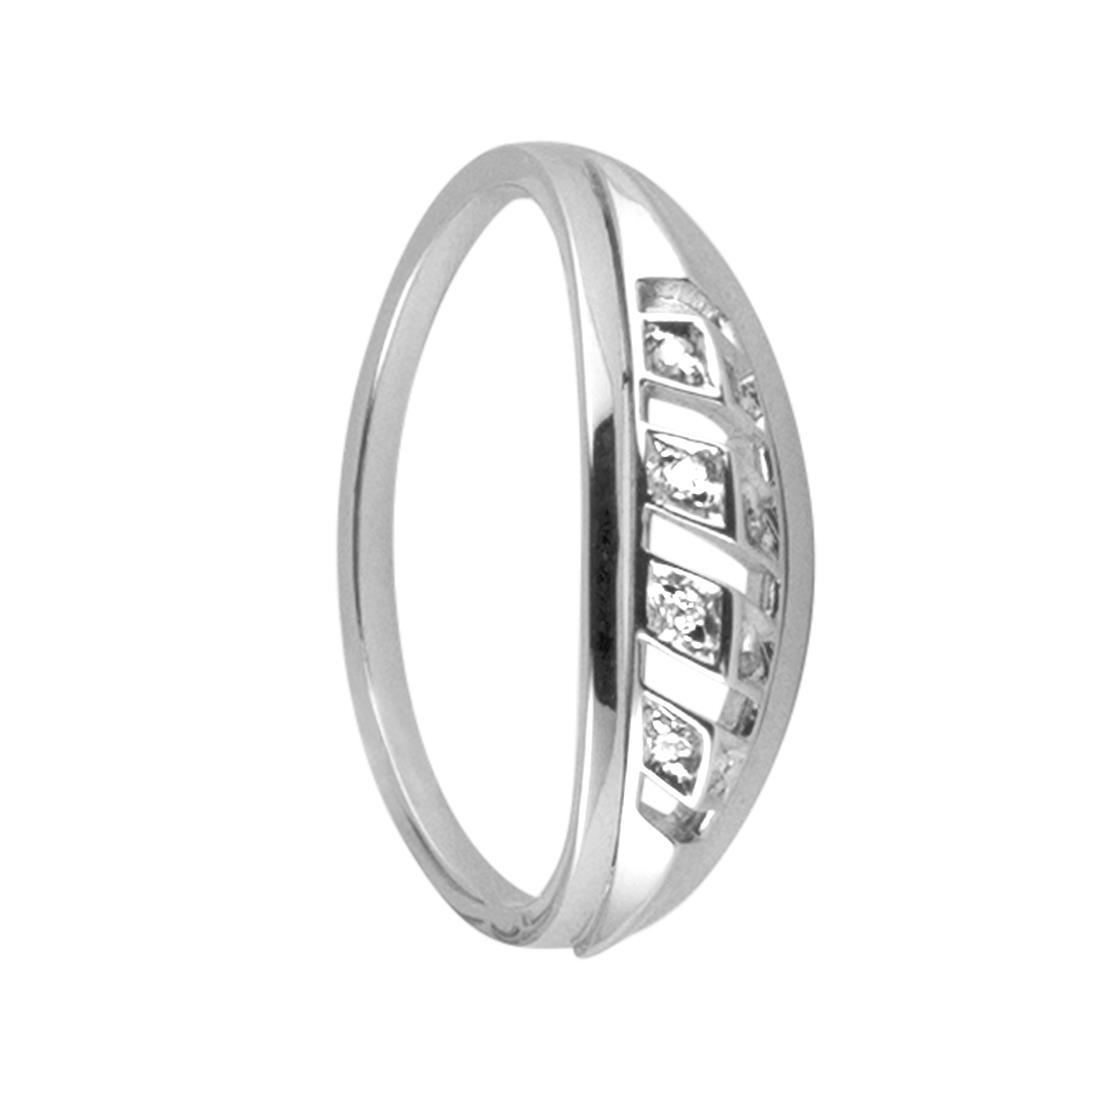 Veretta design in oro bianco con diamanti mis 14 - ALFIERI & ST. JOHN